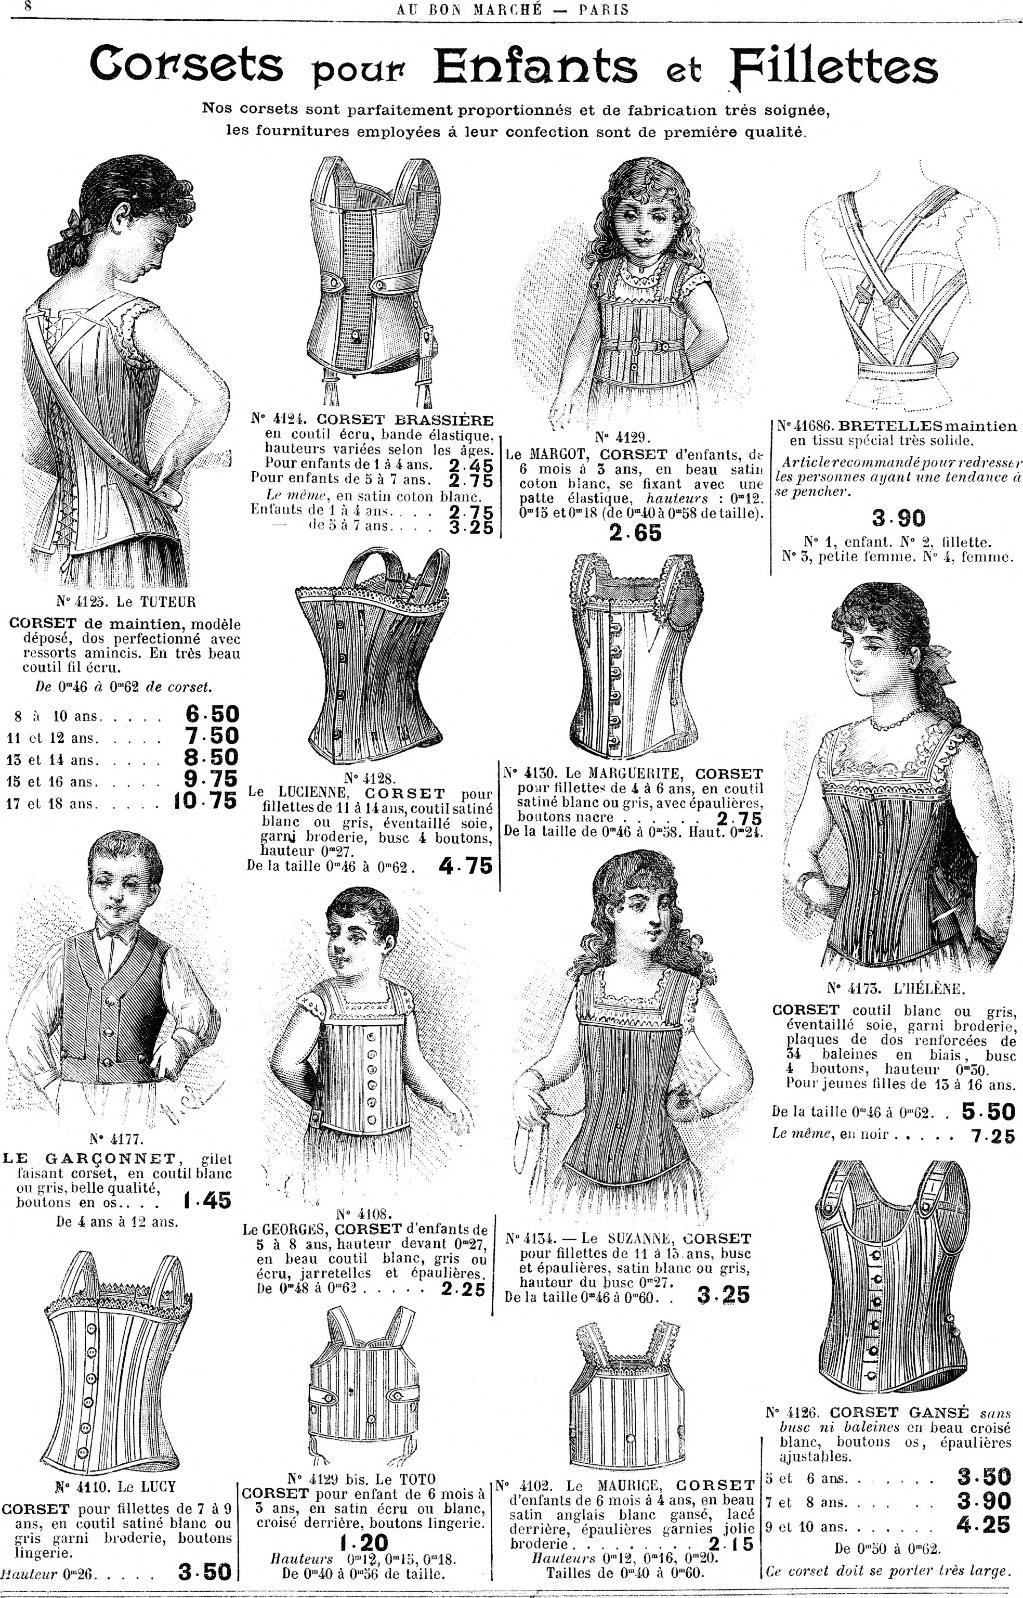 Corsets Des au Bon Catalogue djvu10 Marché Page Wikisource — 3R4AL5j